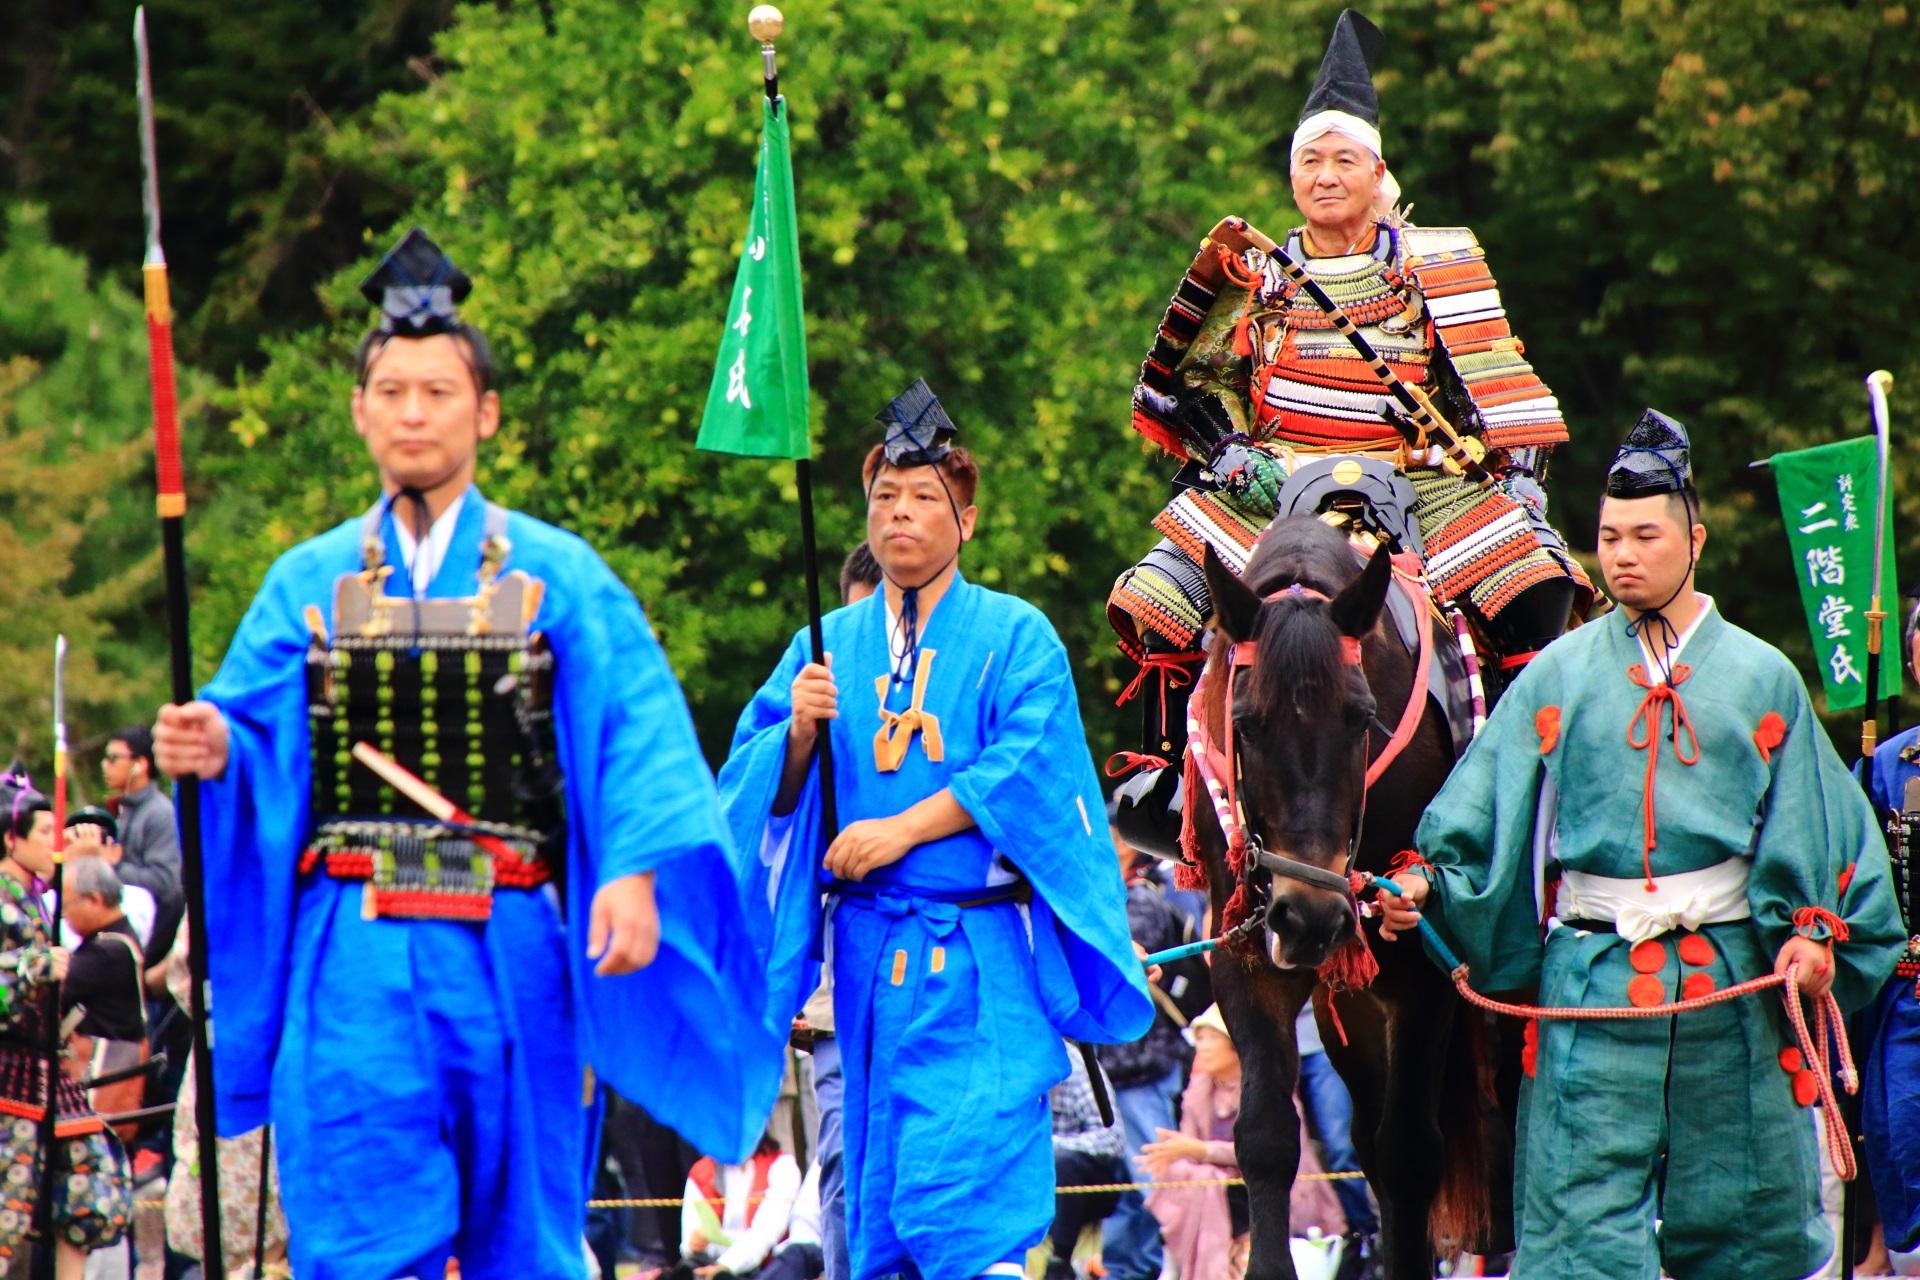 Kyoto Jidai-Matsuri Muromachi-jidai